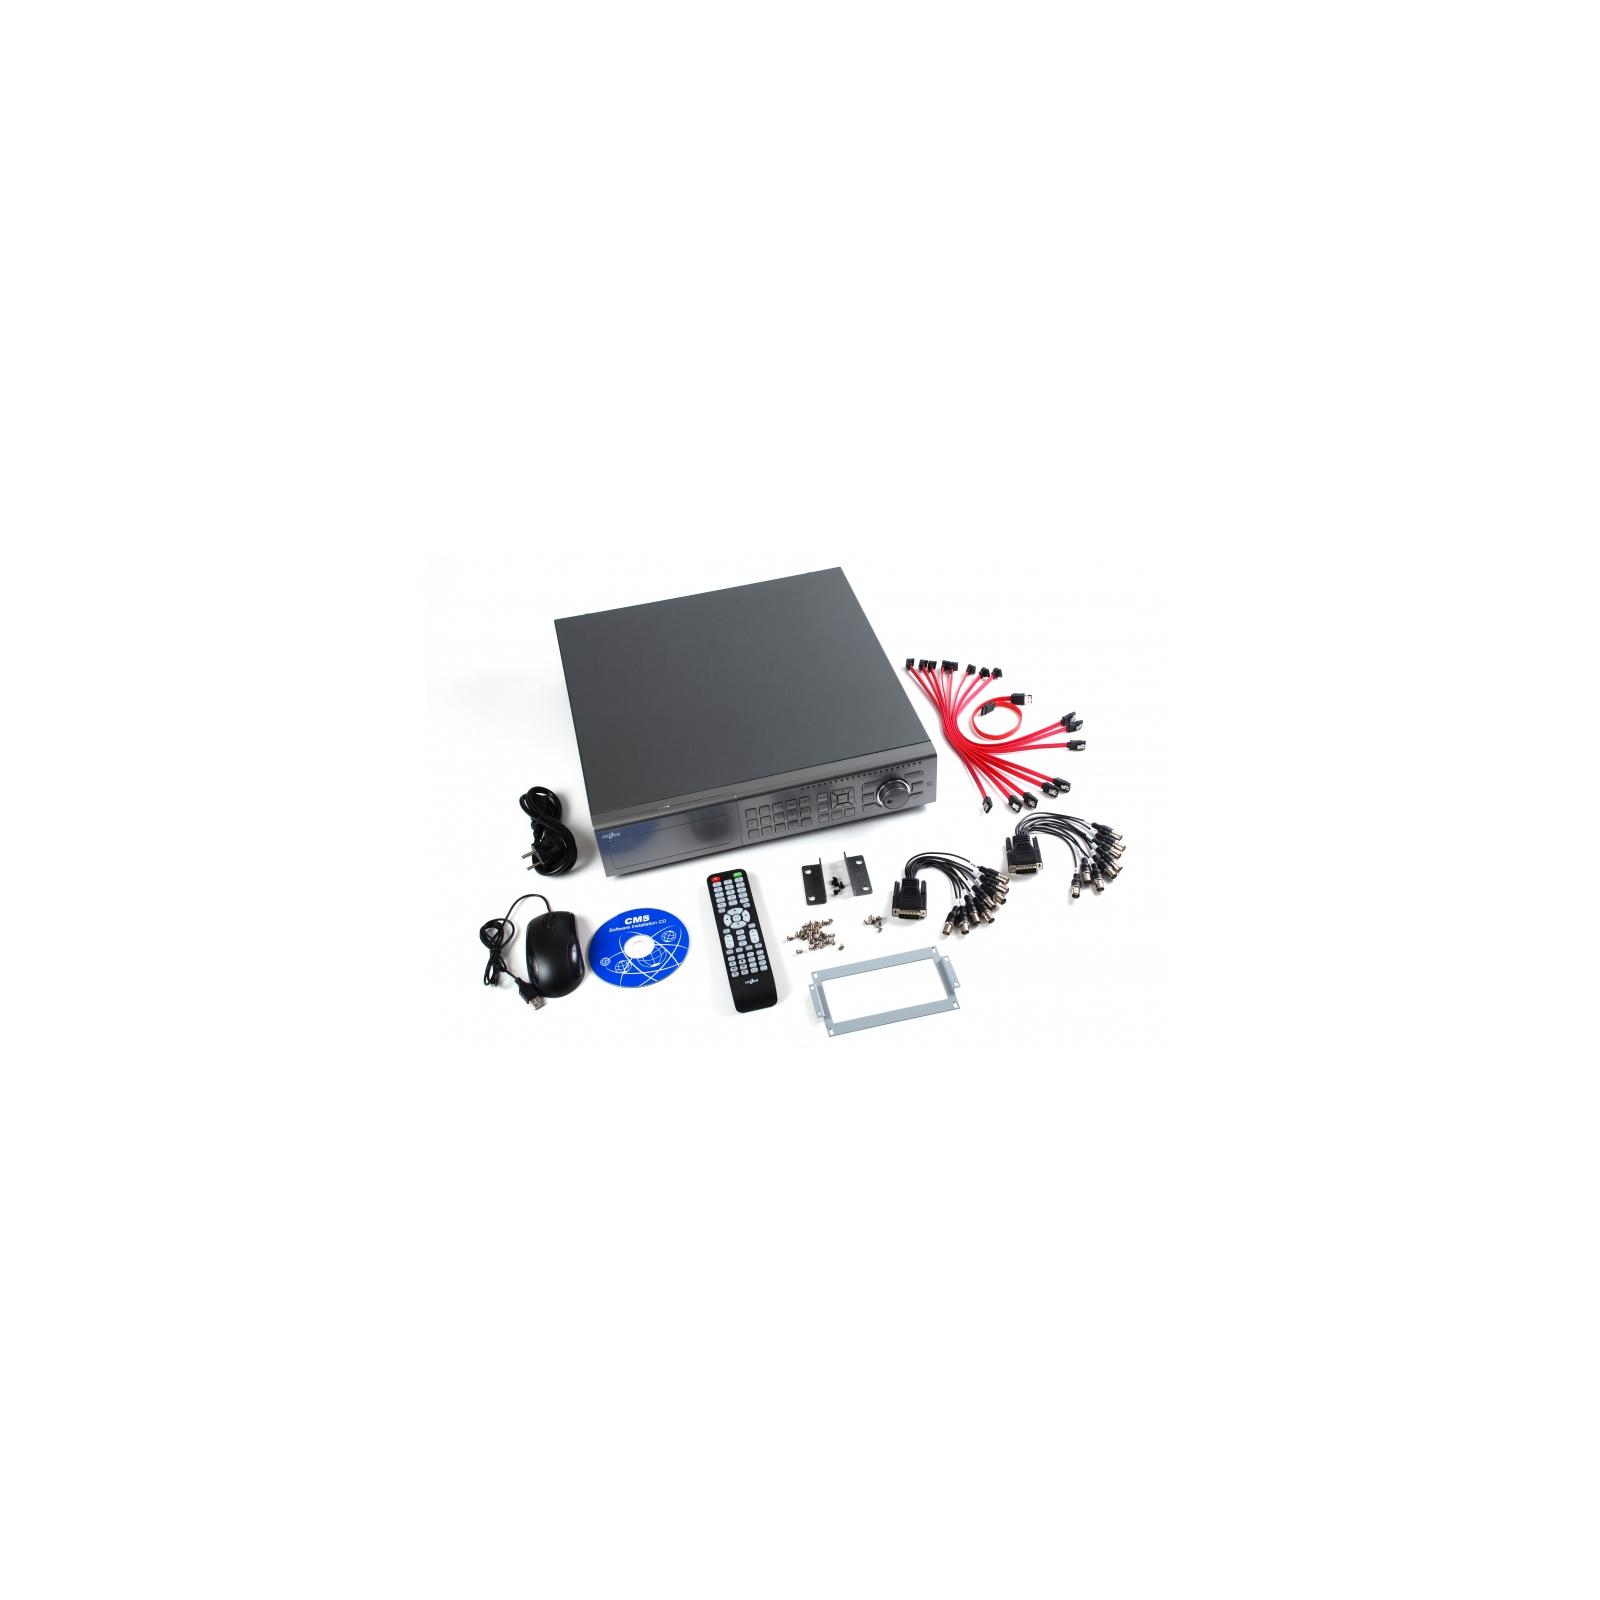 Регистратор для видеонаблюдения Gazer NS2224r изображение 11